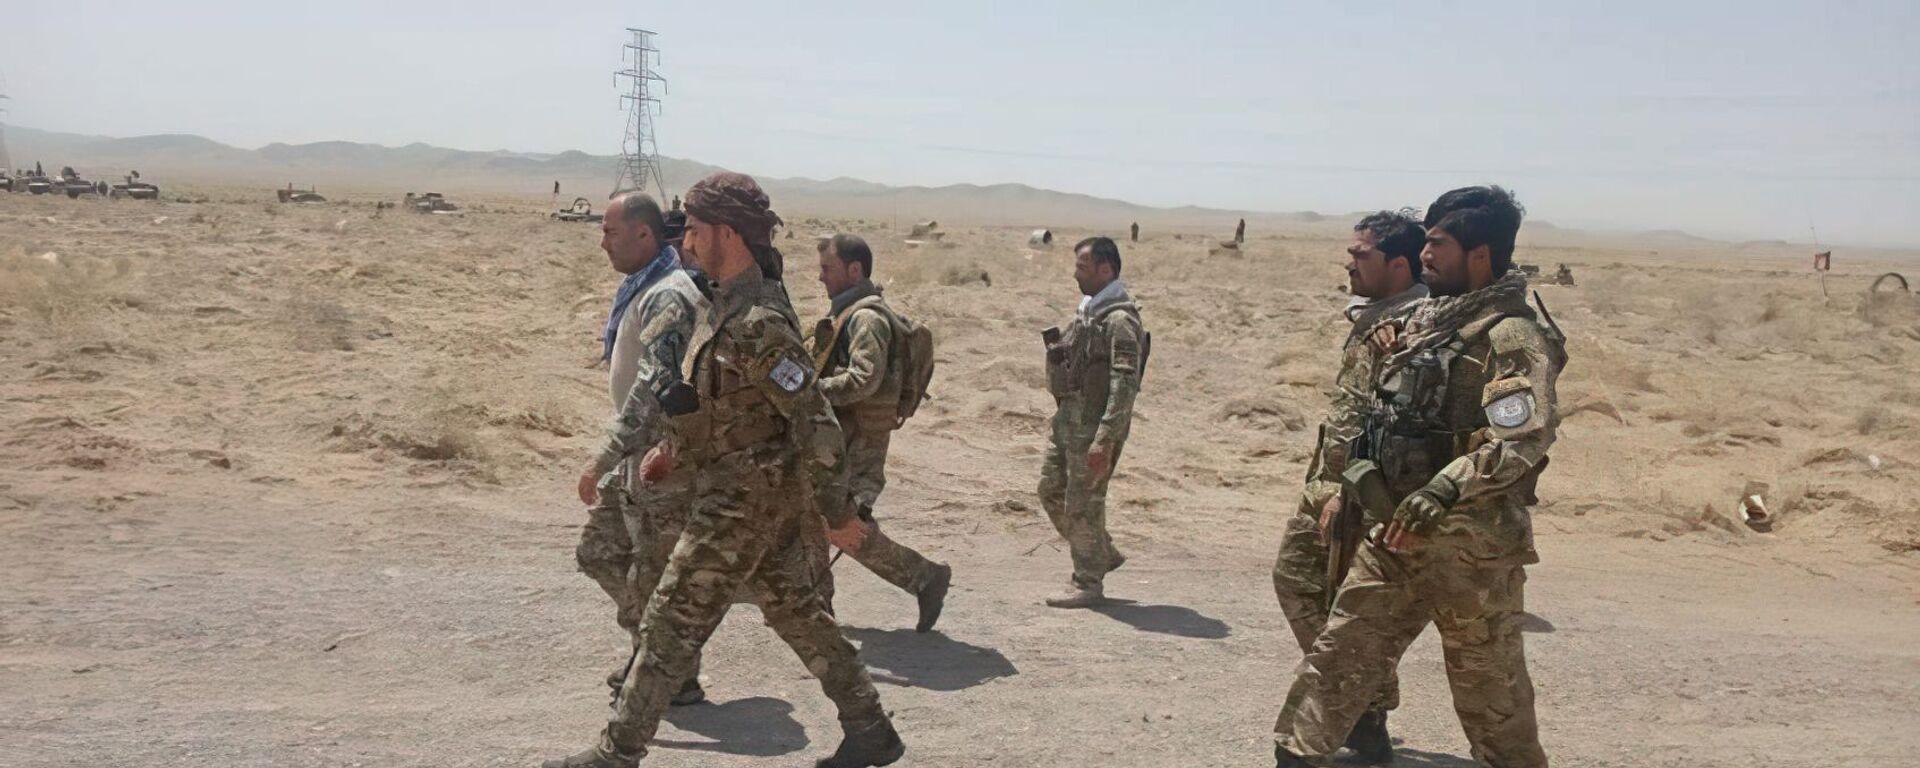 Afghánští vojáci bojují proti Tálibánu v Herátu - Sputnik Česká republika, 1920, 07.08.2021